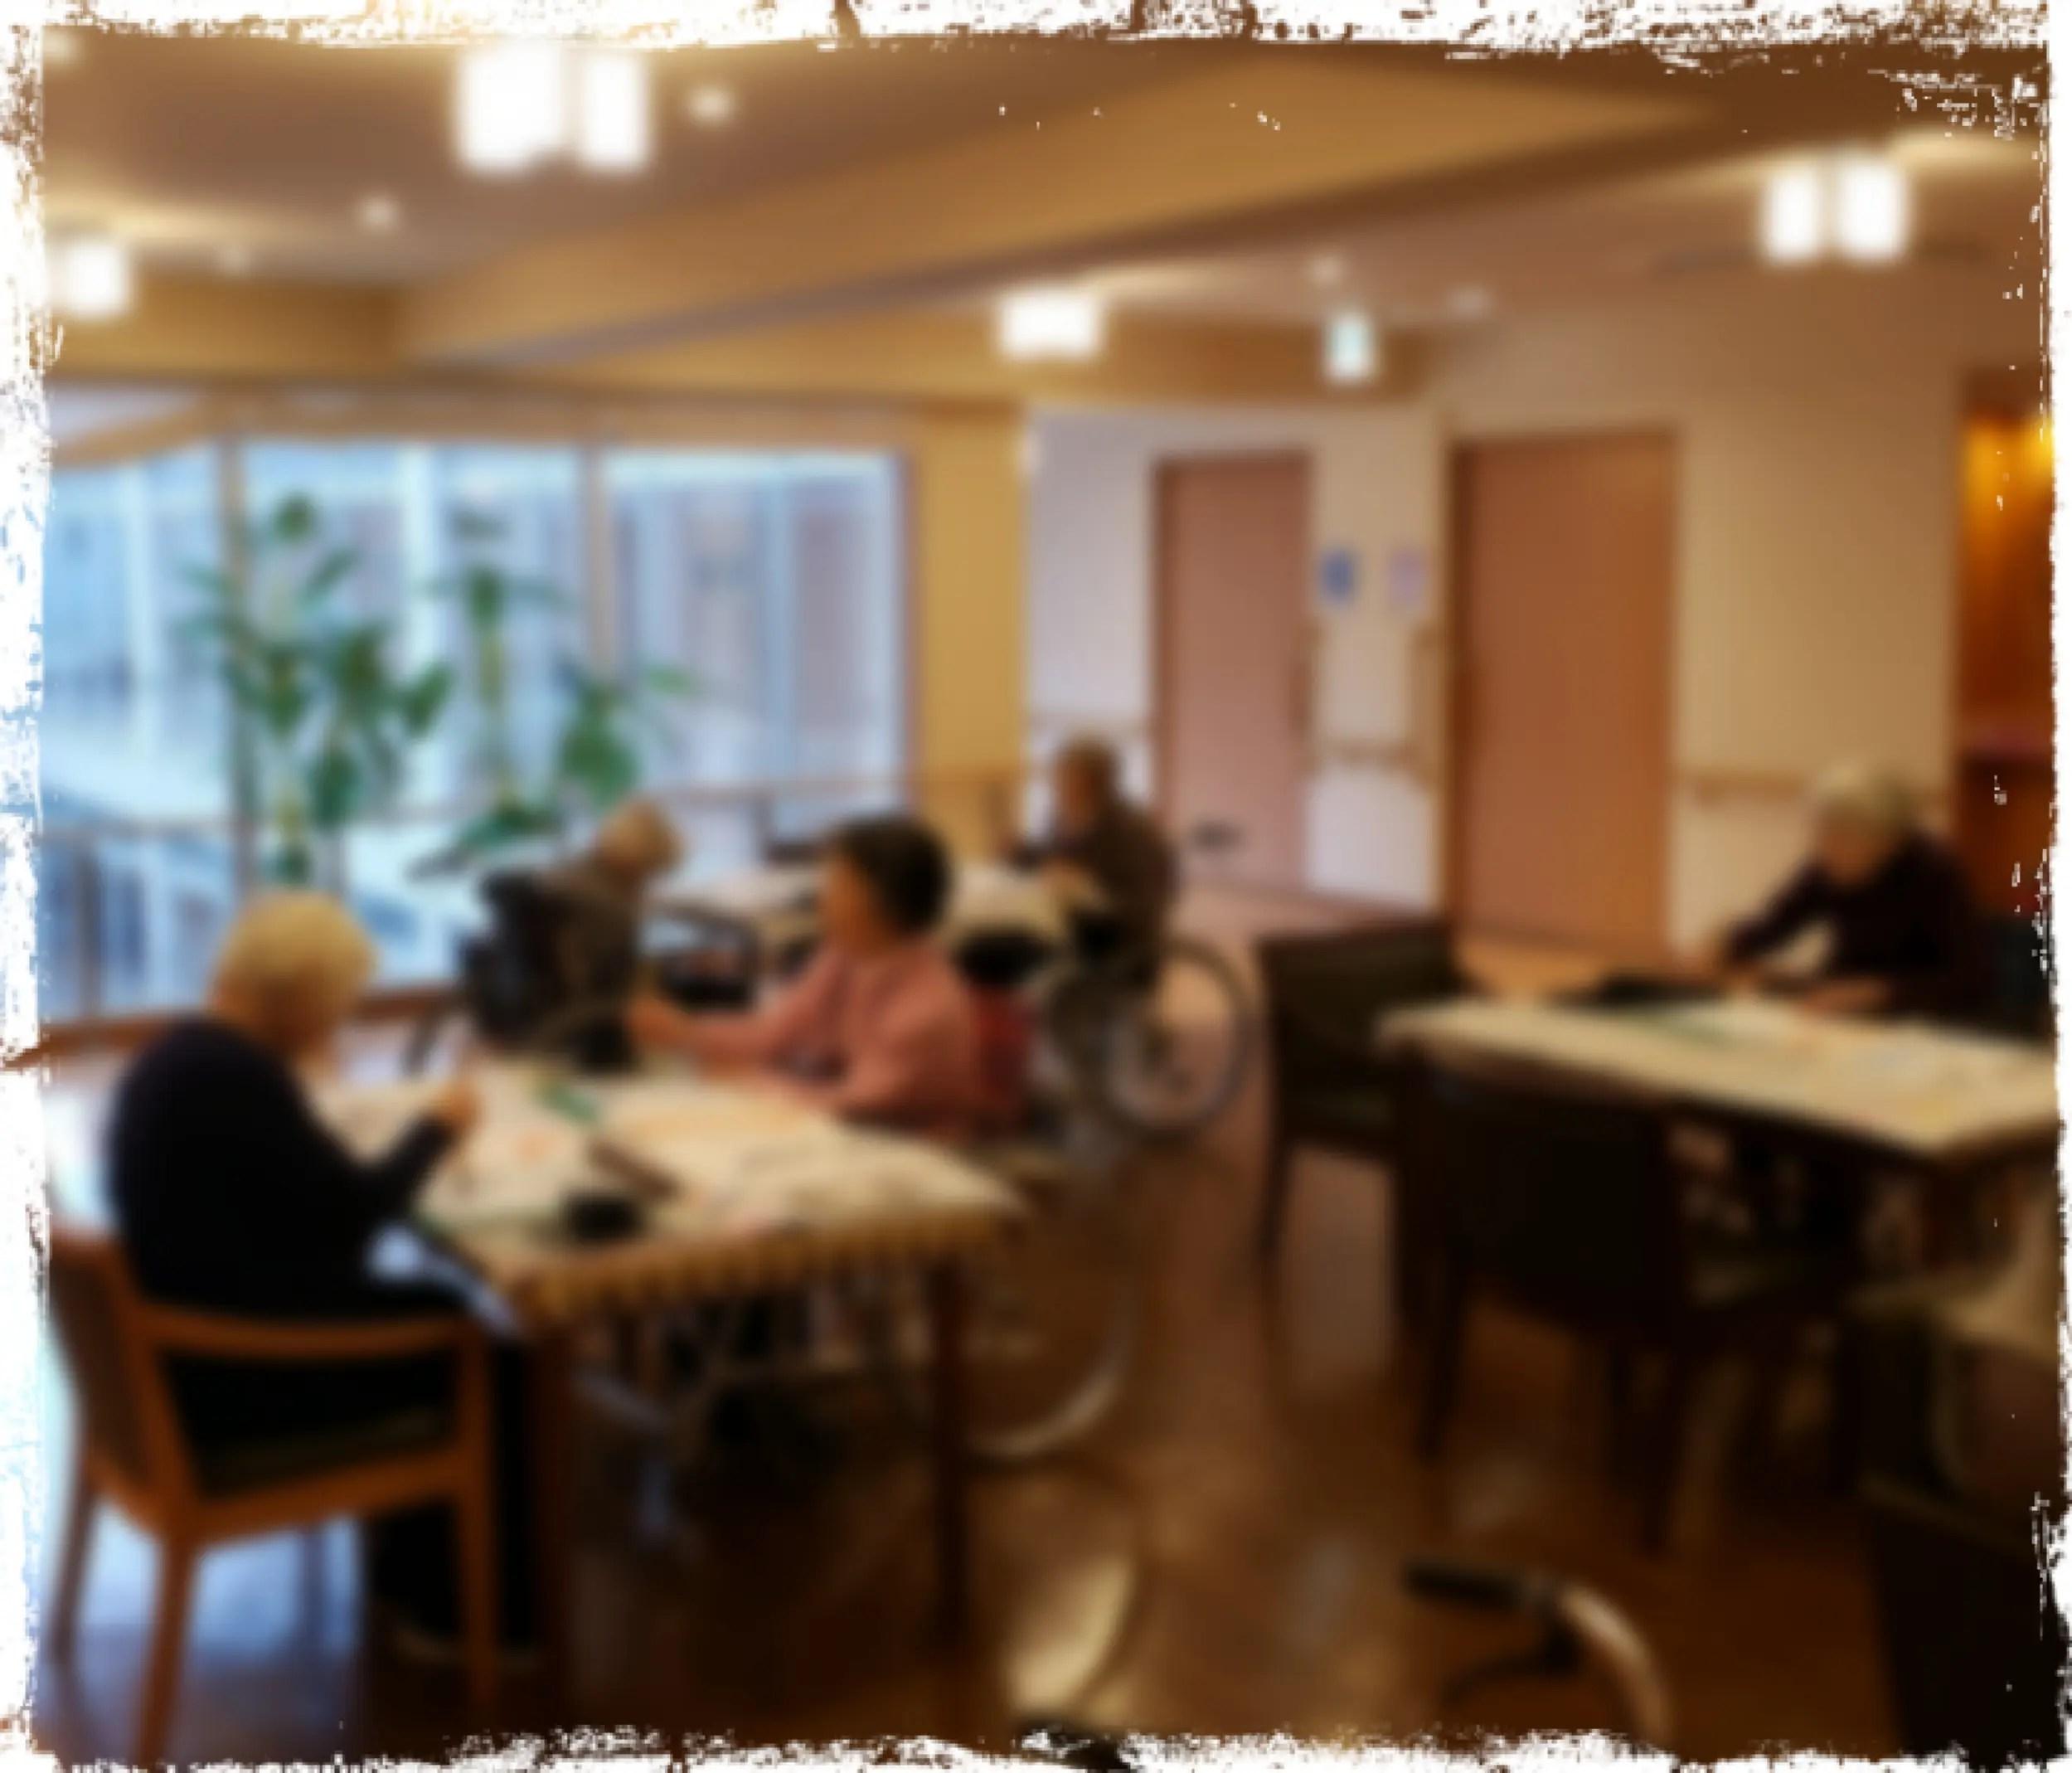 幾つになっても向上心を忘れない/鎌倉市長谷の書道教室